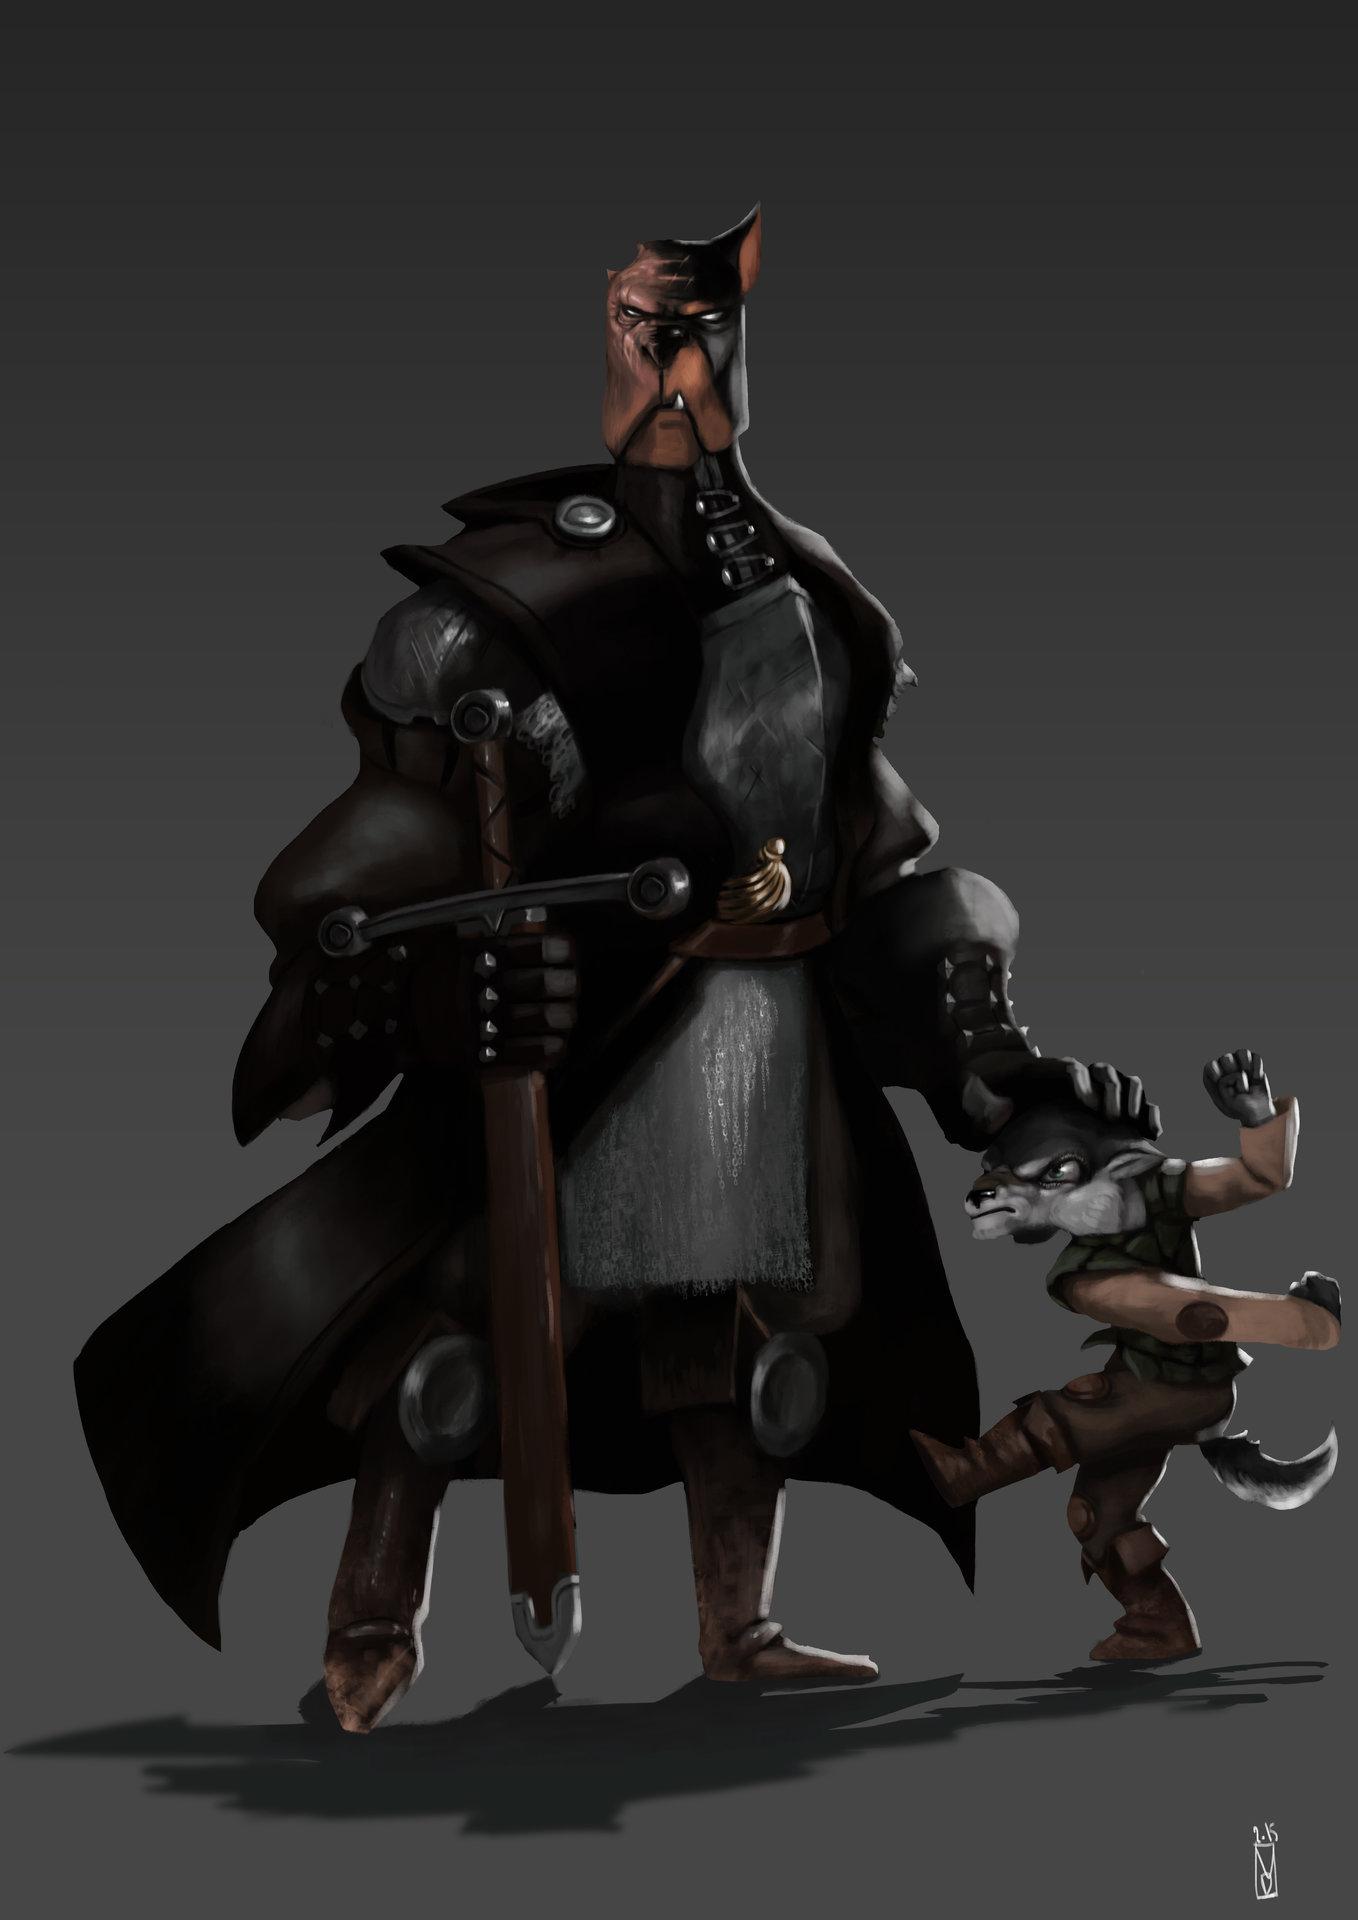 Victor debatisse the hound arya